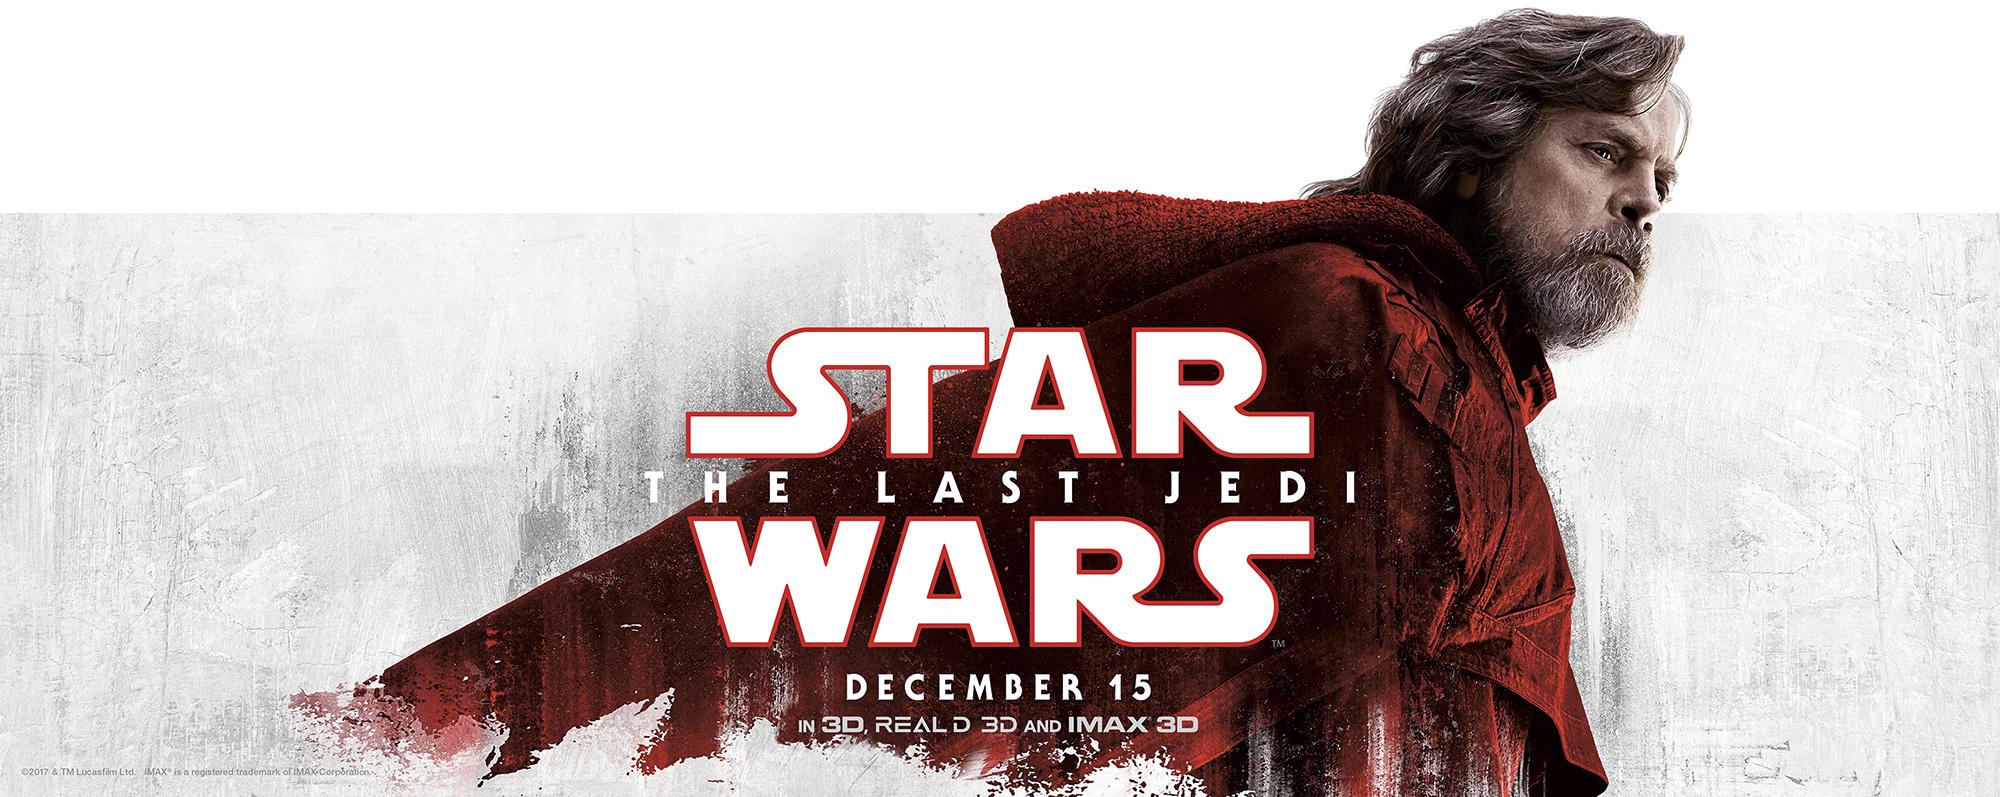 STAR_WARS_TLJ_14X48_EXT_LUKE_RGB_100dpi.jpg